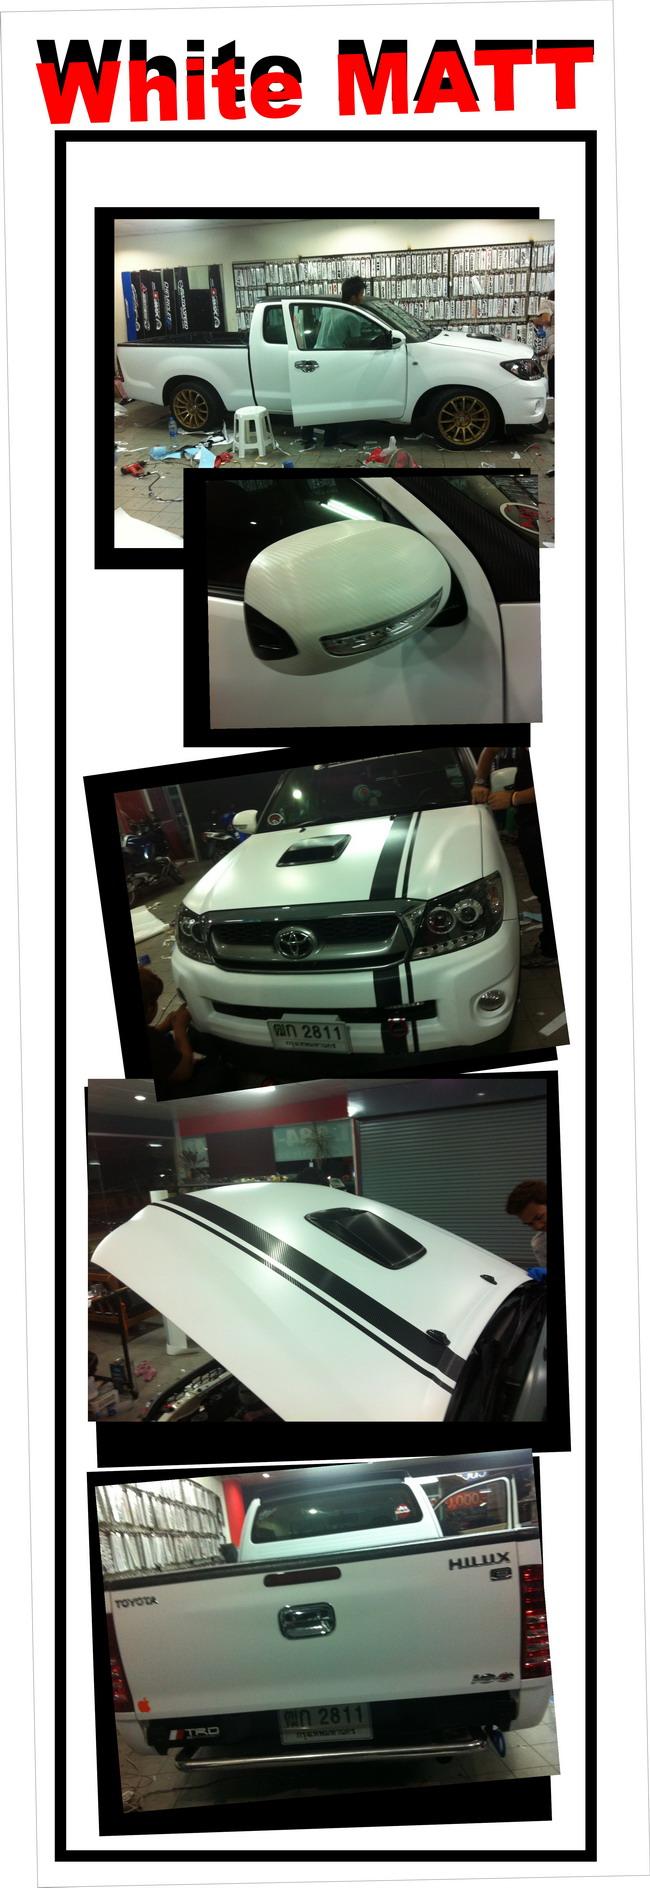 car wrap vigo wrap car ฟิล์มหุ้มเปลี่ยนสีรถ เปลี่ยนสีรถทั้งคันด้วยสติกเกอร์ wrapเปลี่ยนสีรถ เปลี่ยนสีรถดำด้าน